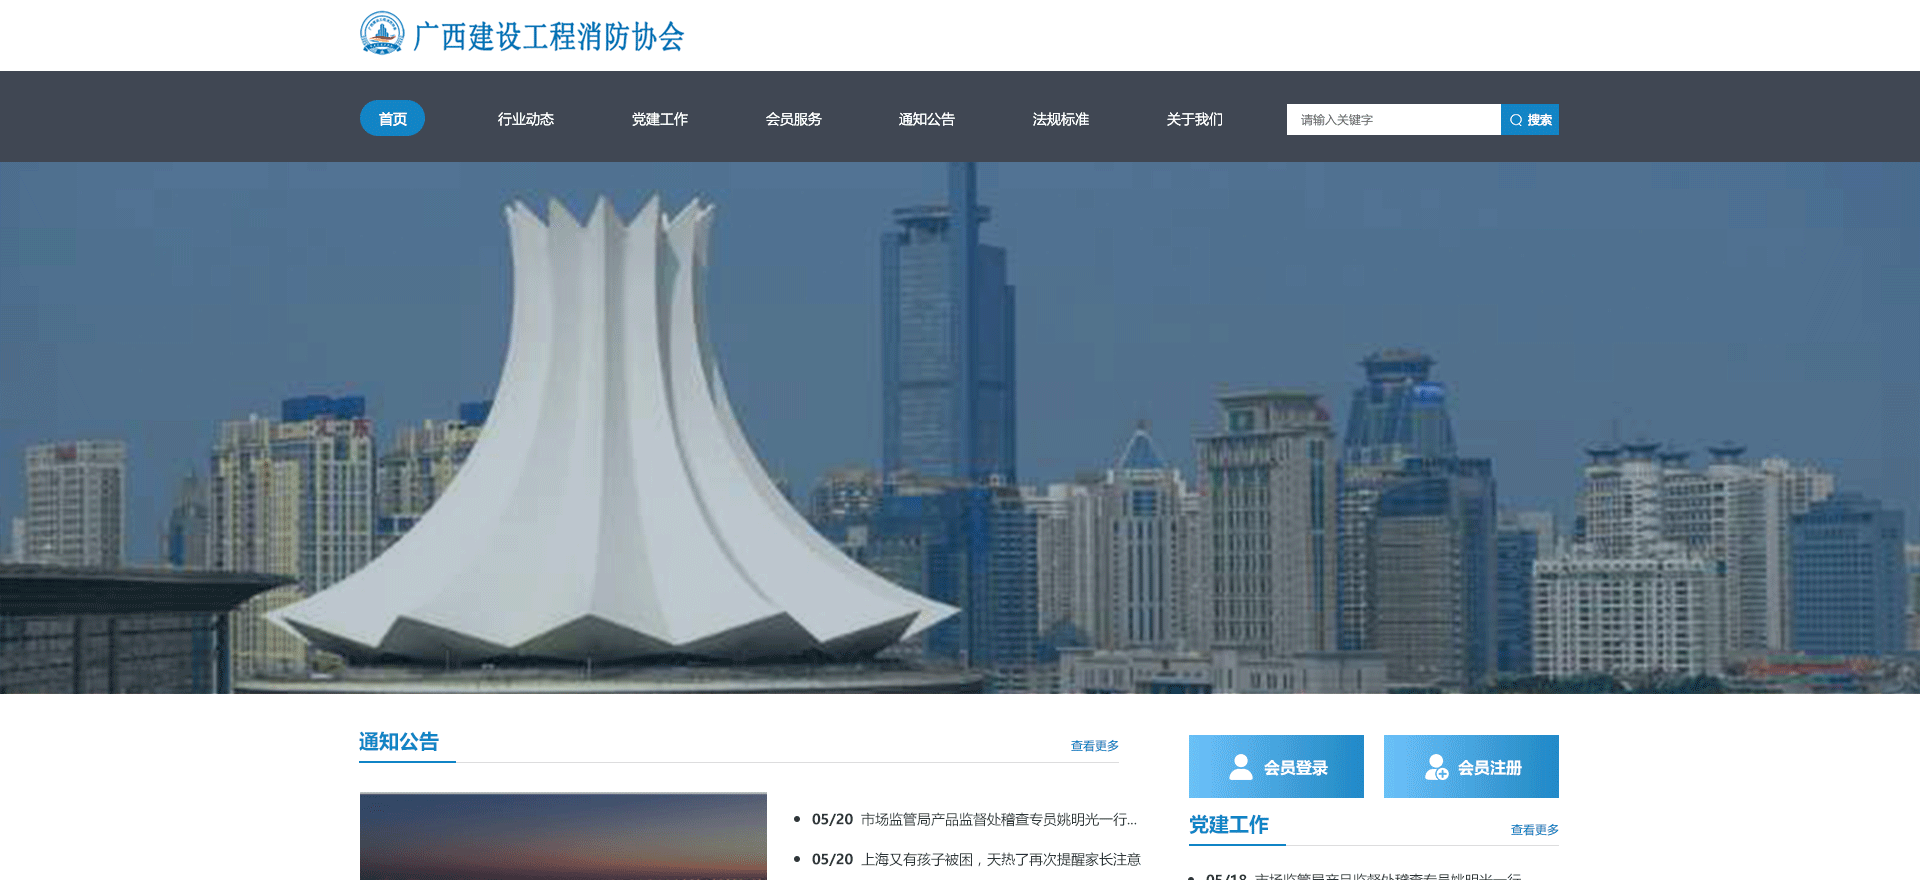 广西建设工程消防协会